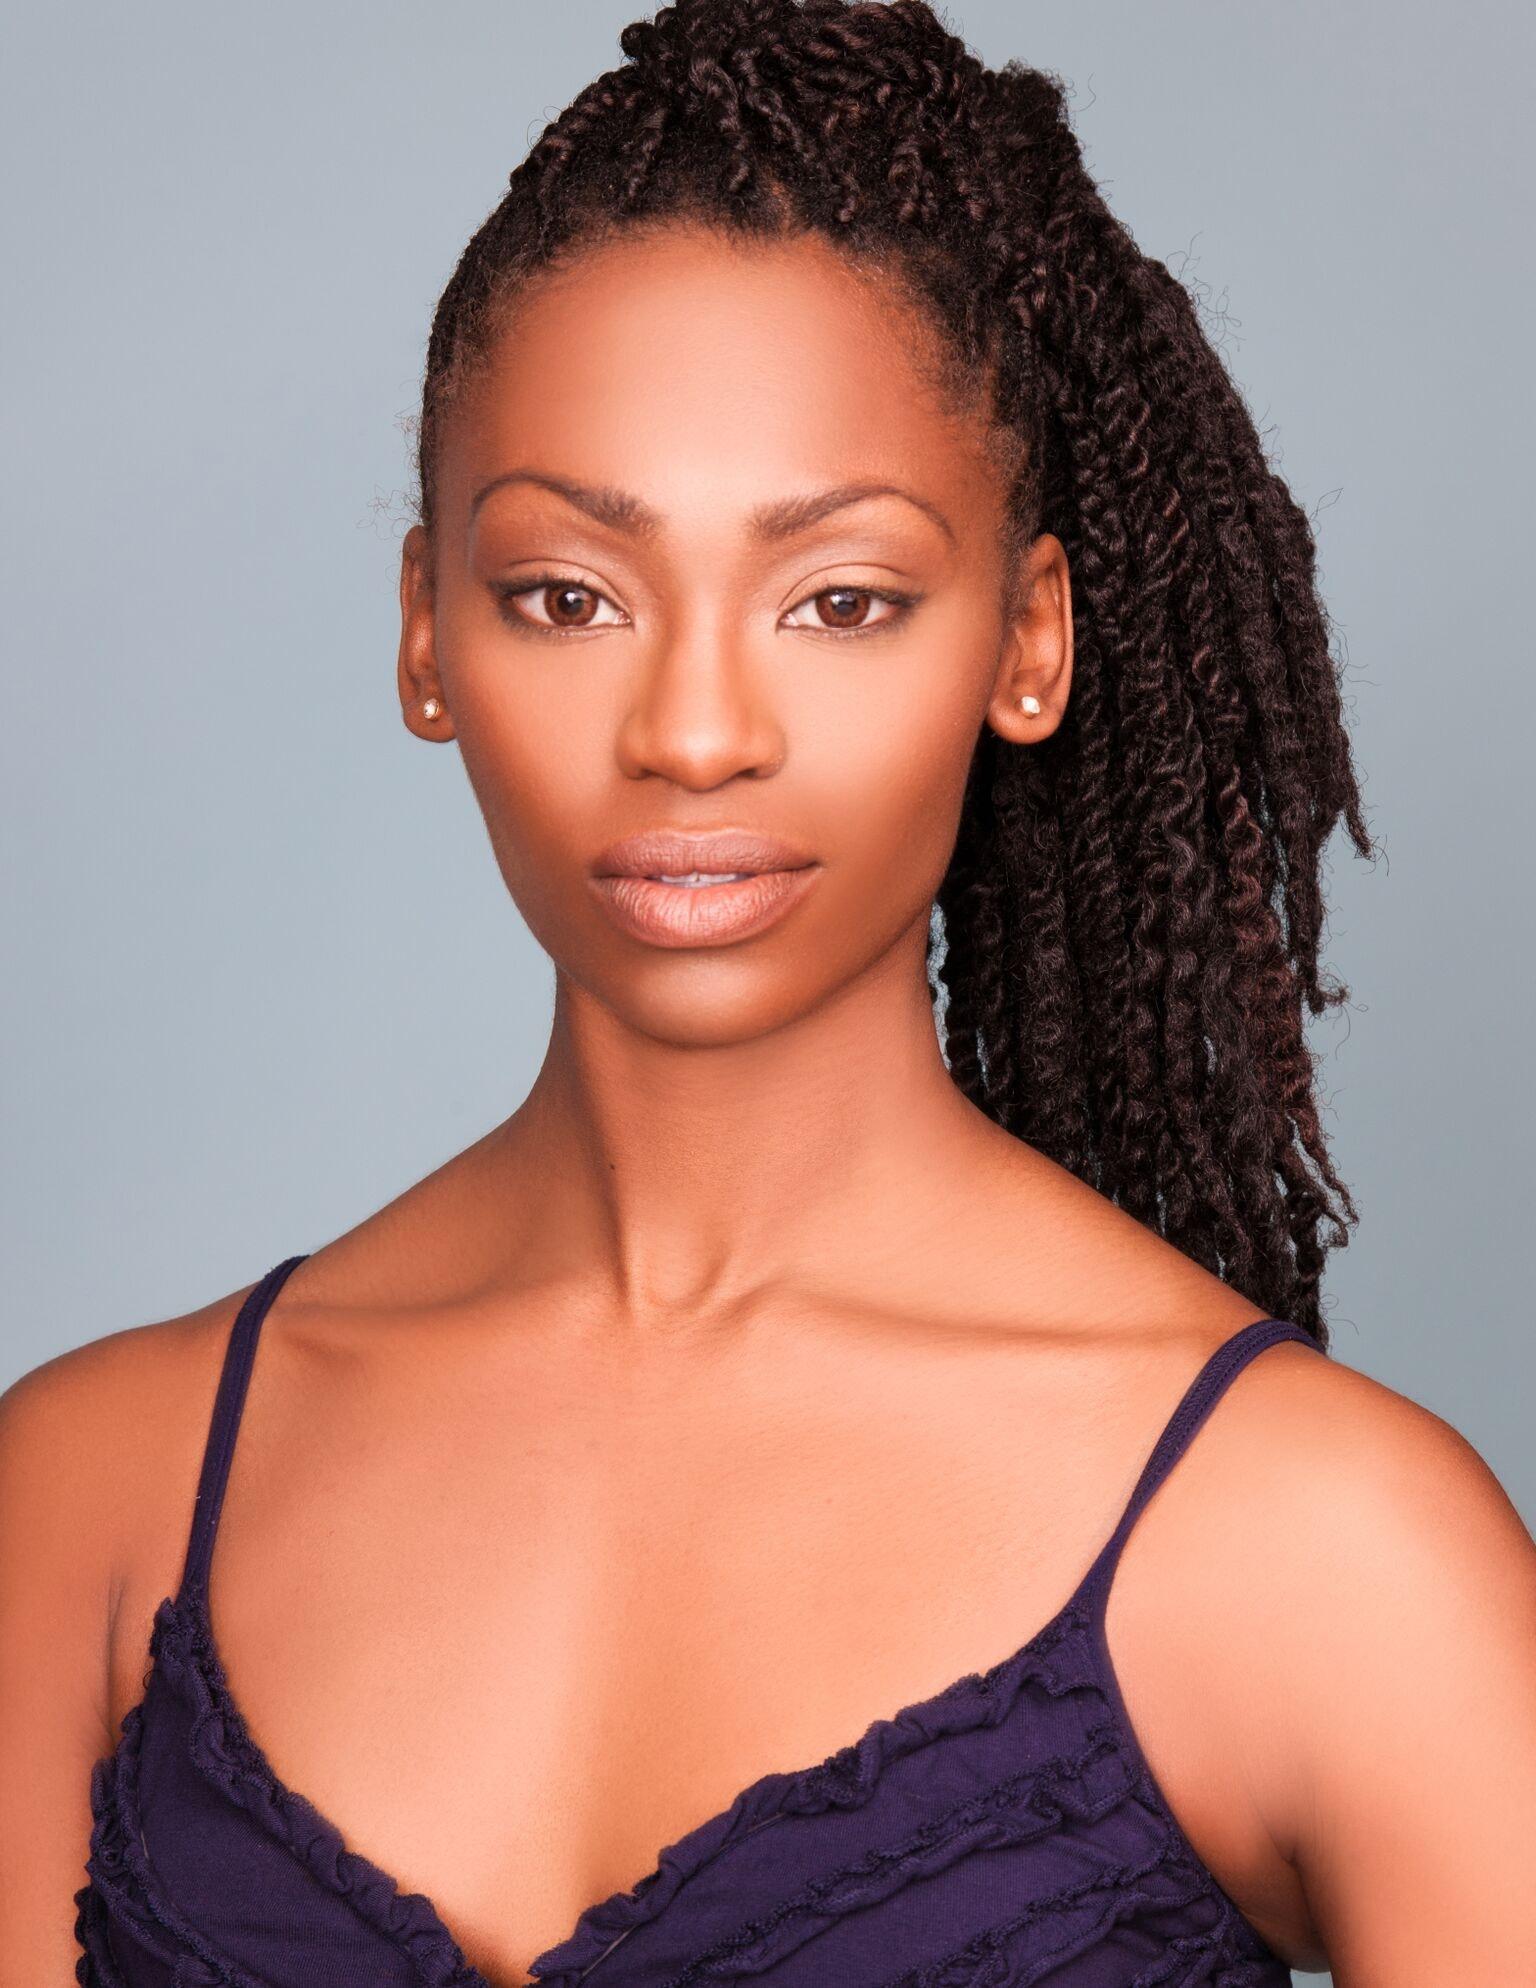 LaQuannia Lewis's Model portfolio